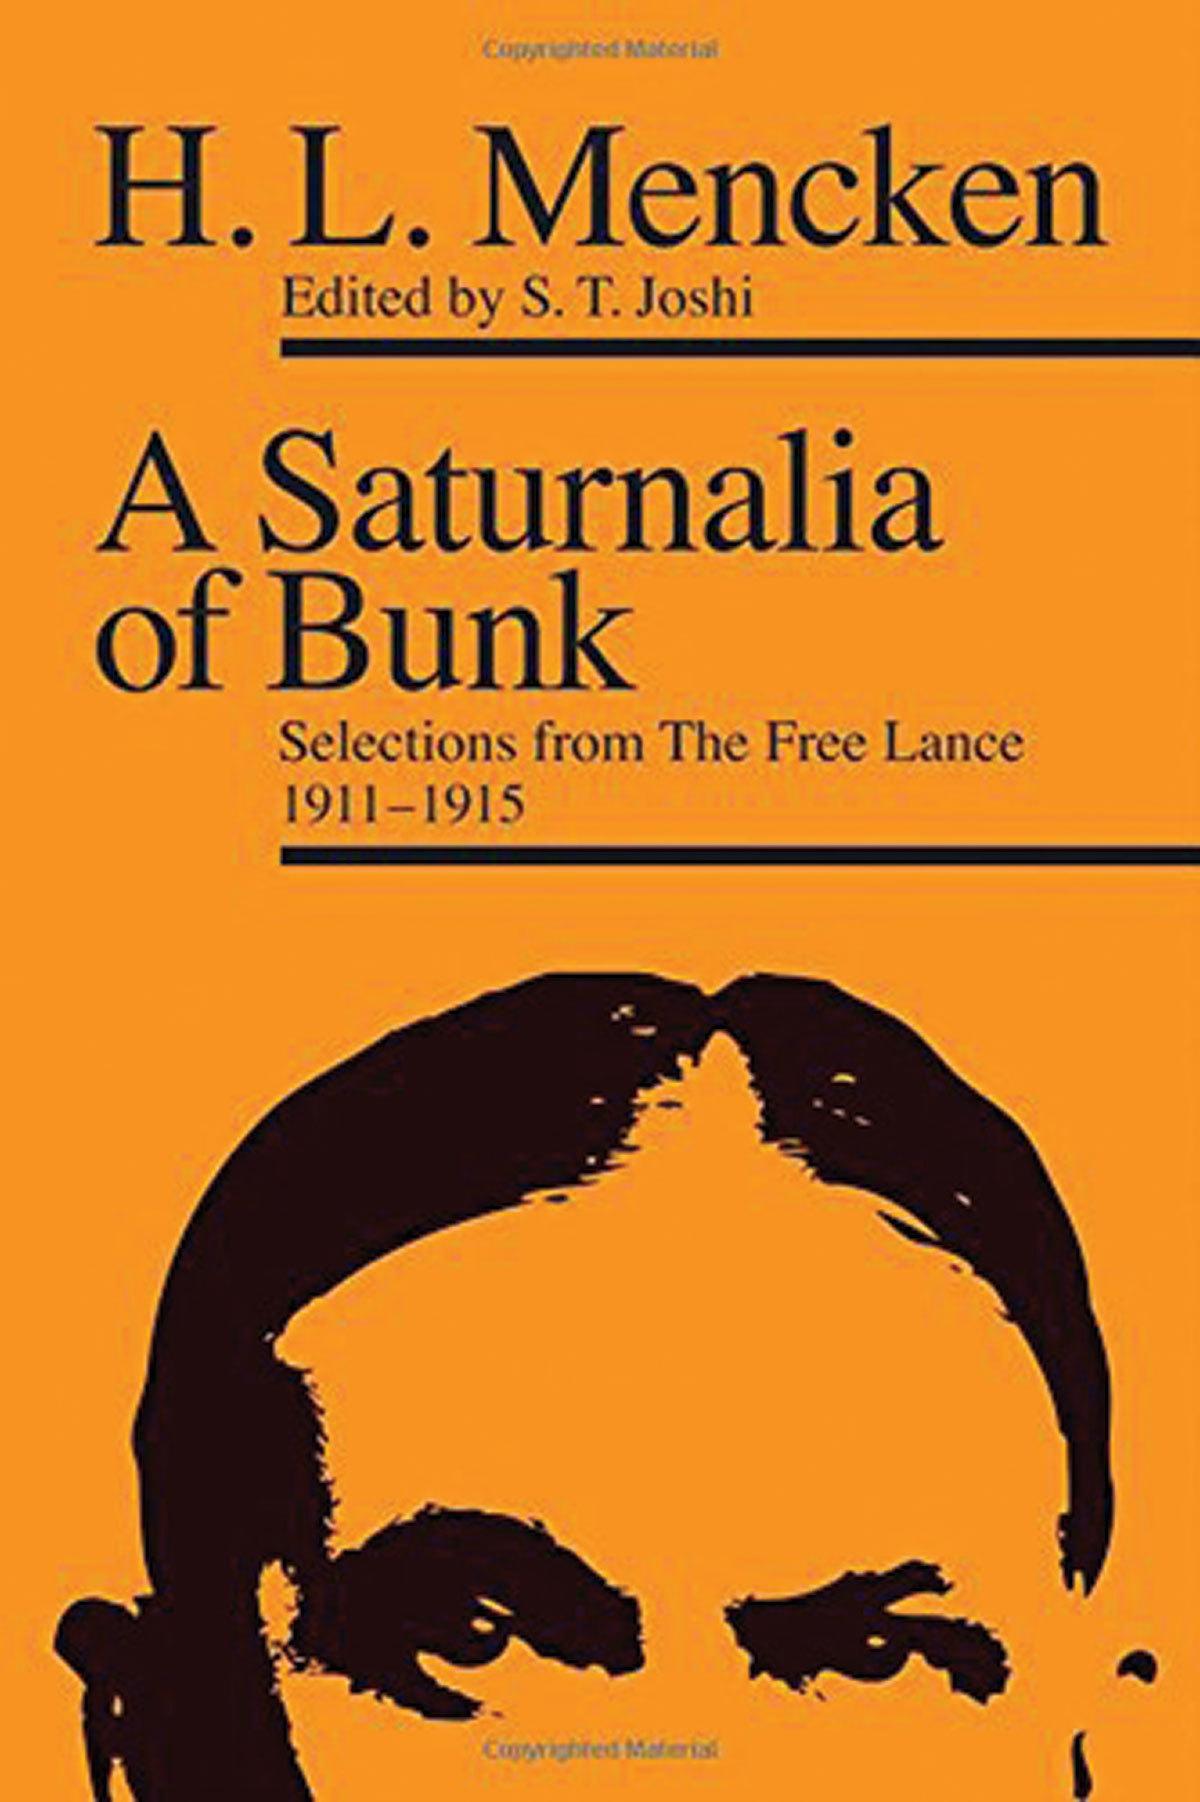 SaturnaliaofBunk.jpg#asset:48482